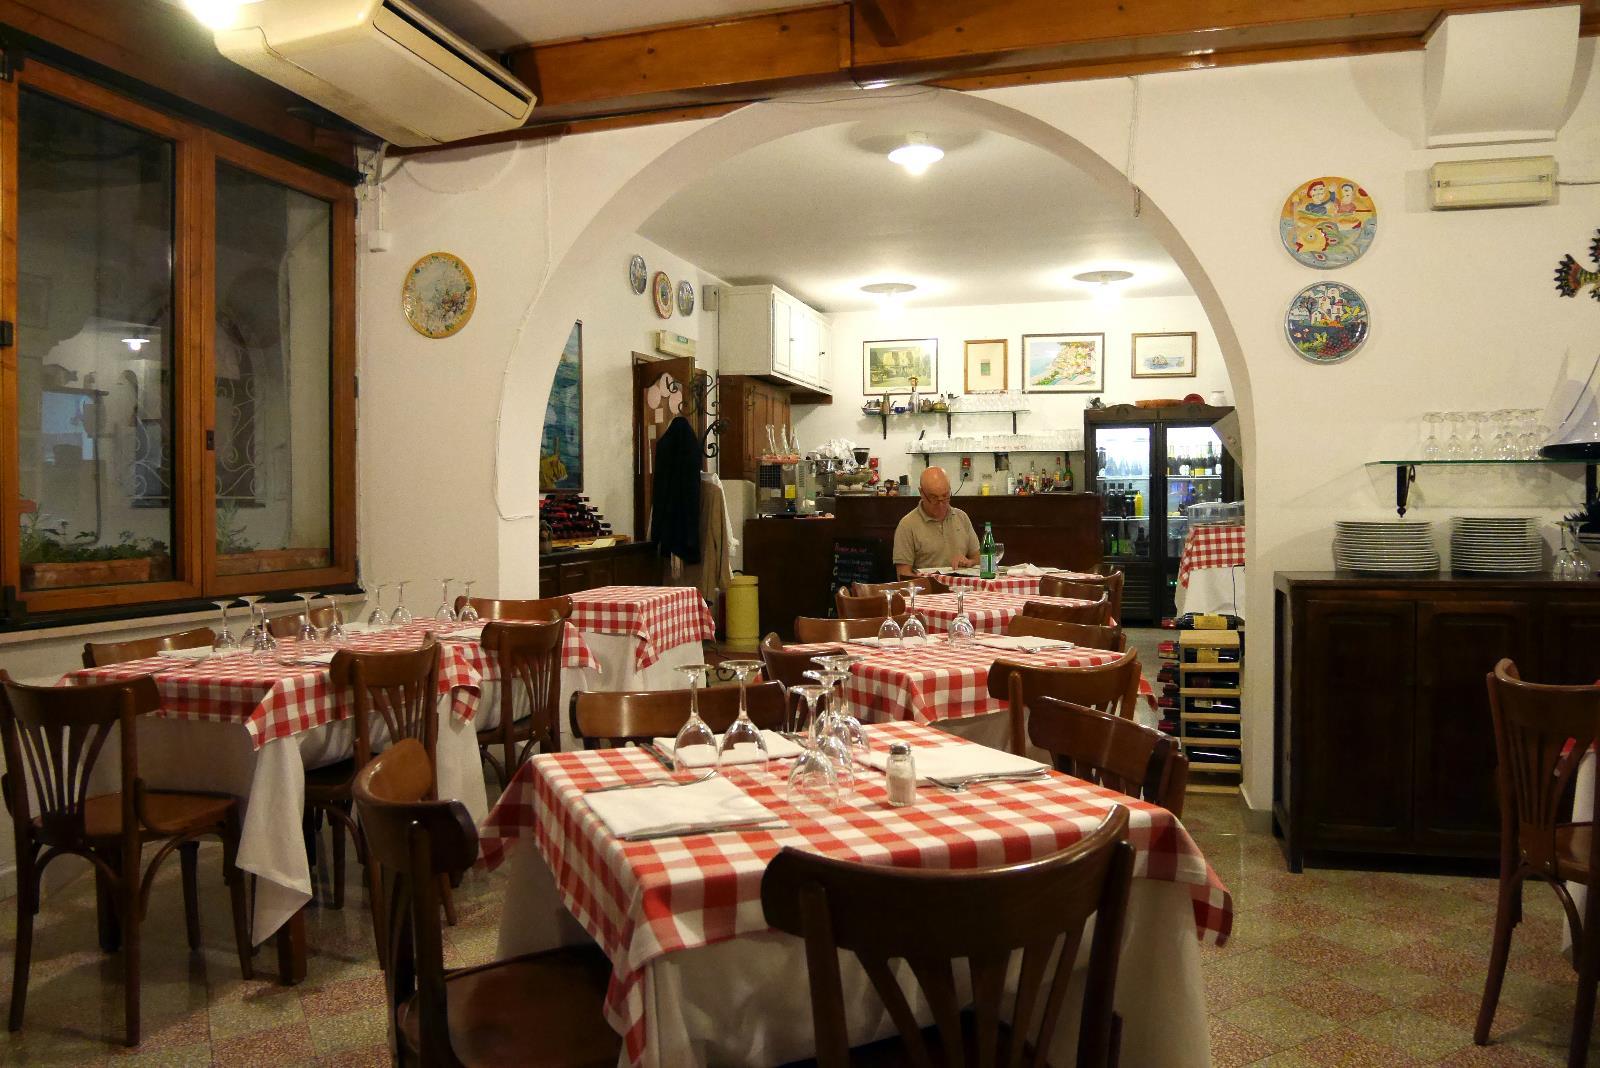 אוכל מעולה ואנשים נחמדים: איטליה (צילום: ליאור קורן)